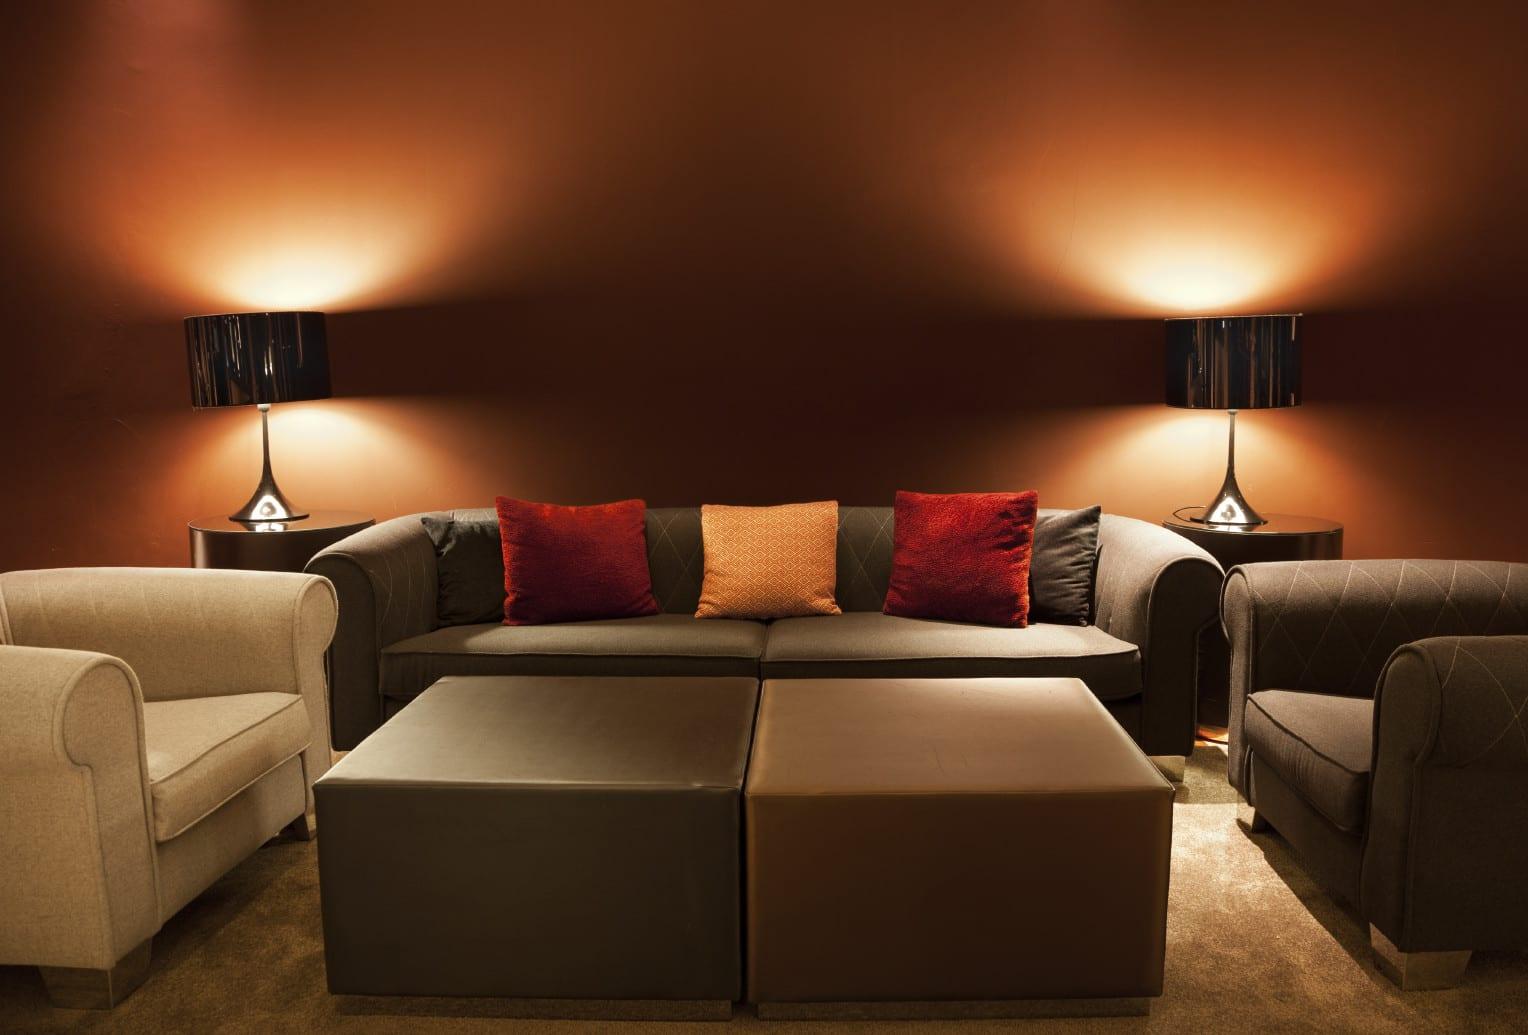 beleuchtungsideen fr wohnzimmer mit runden Tischlampen als kreative wandgestaltung mit licht